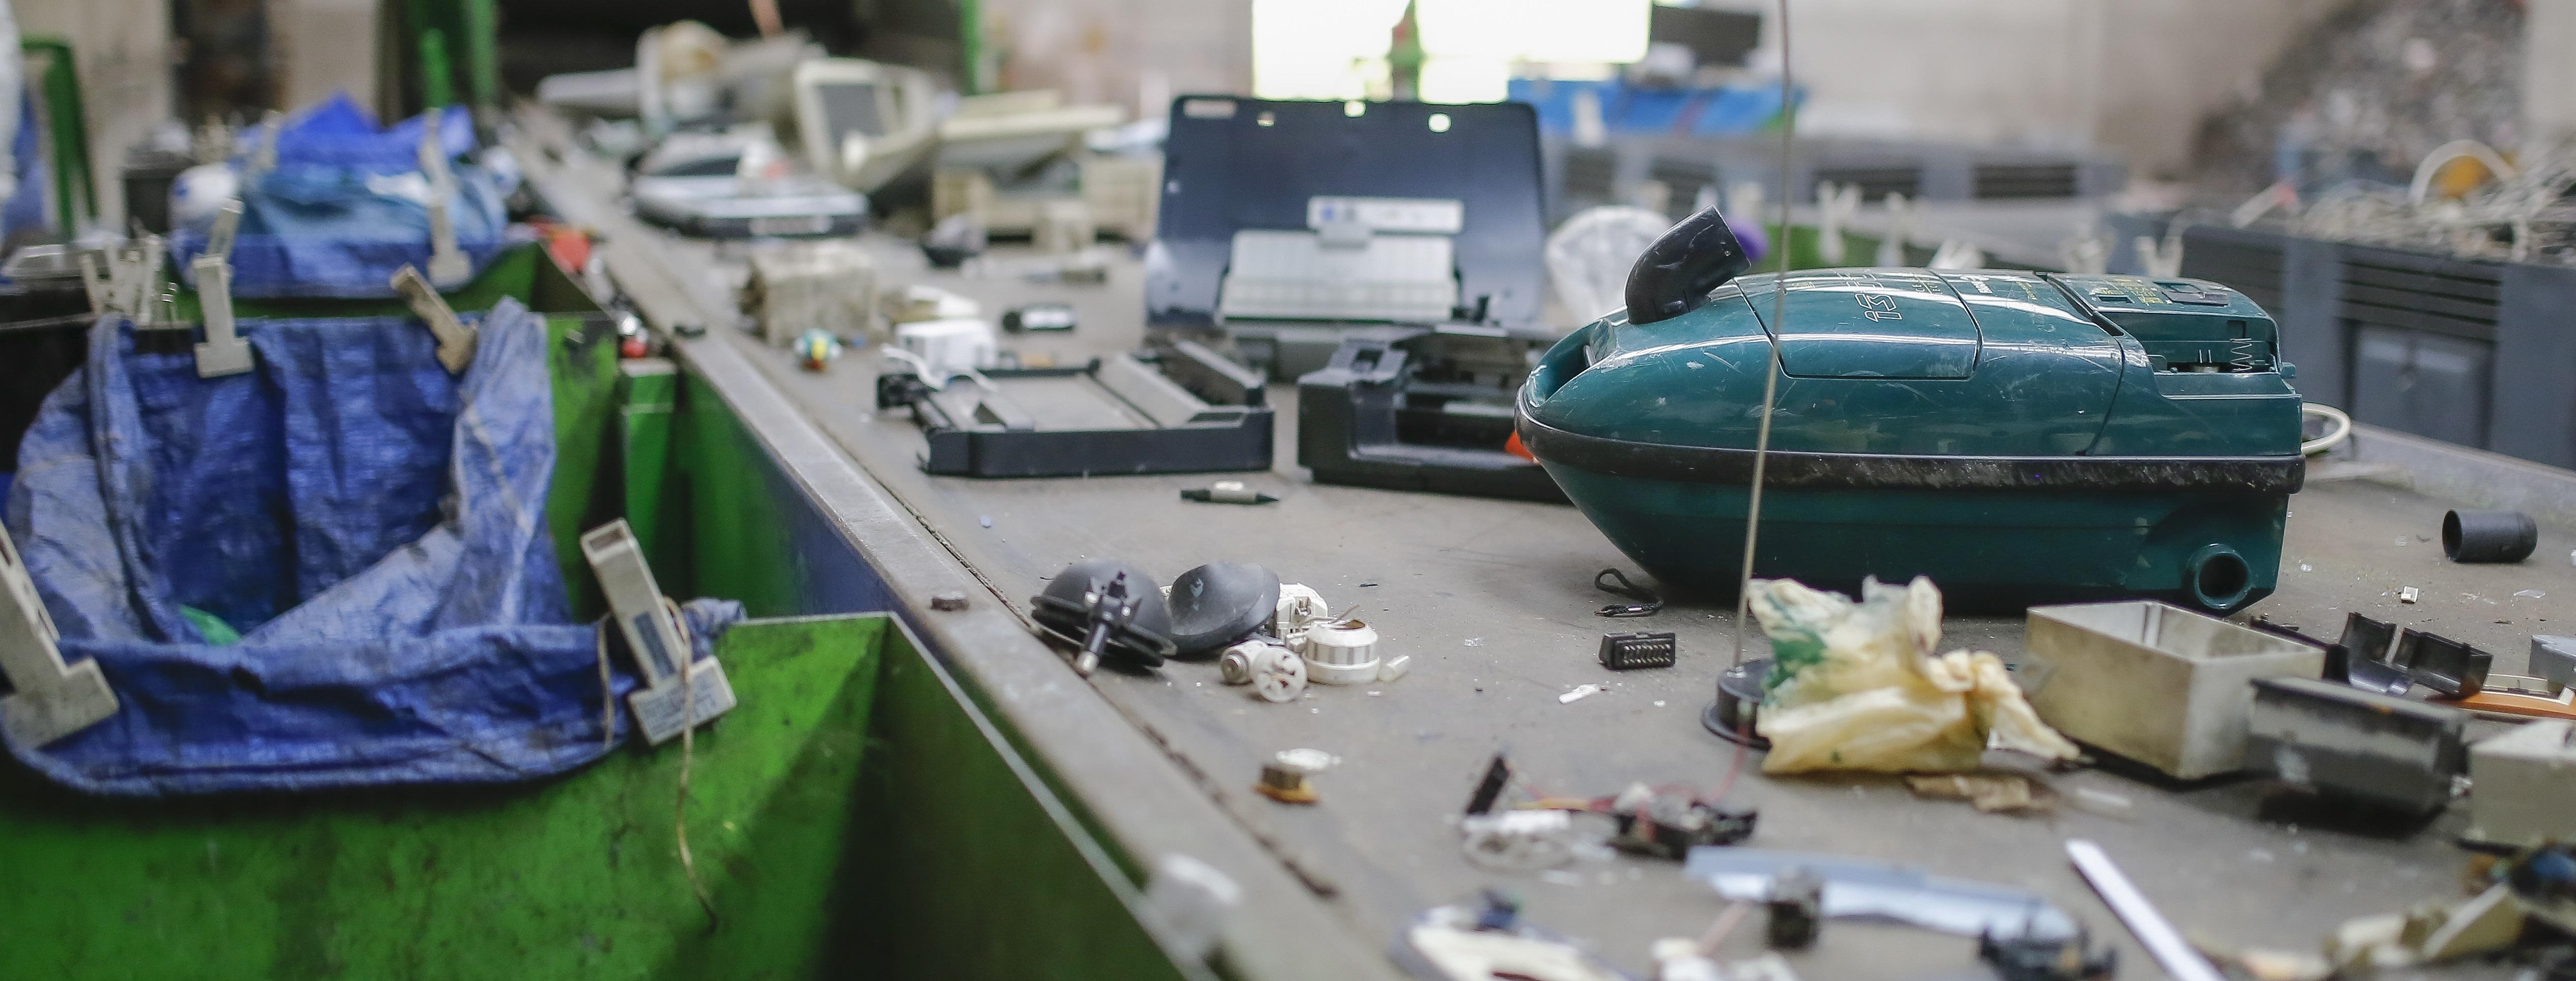 Electrão Participa Nas Manhãs Da Apemeta Dedicadas A Resíduos De Equipamentos Eléctricos